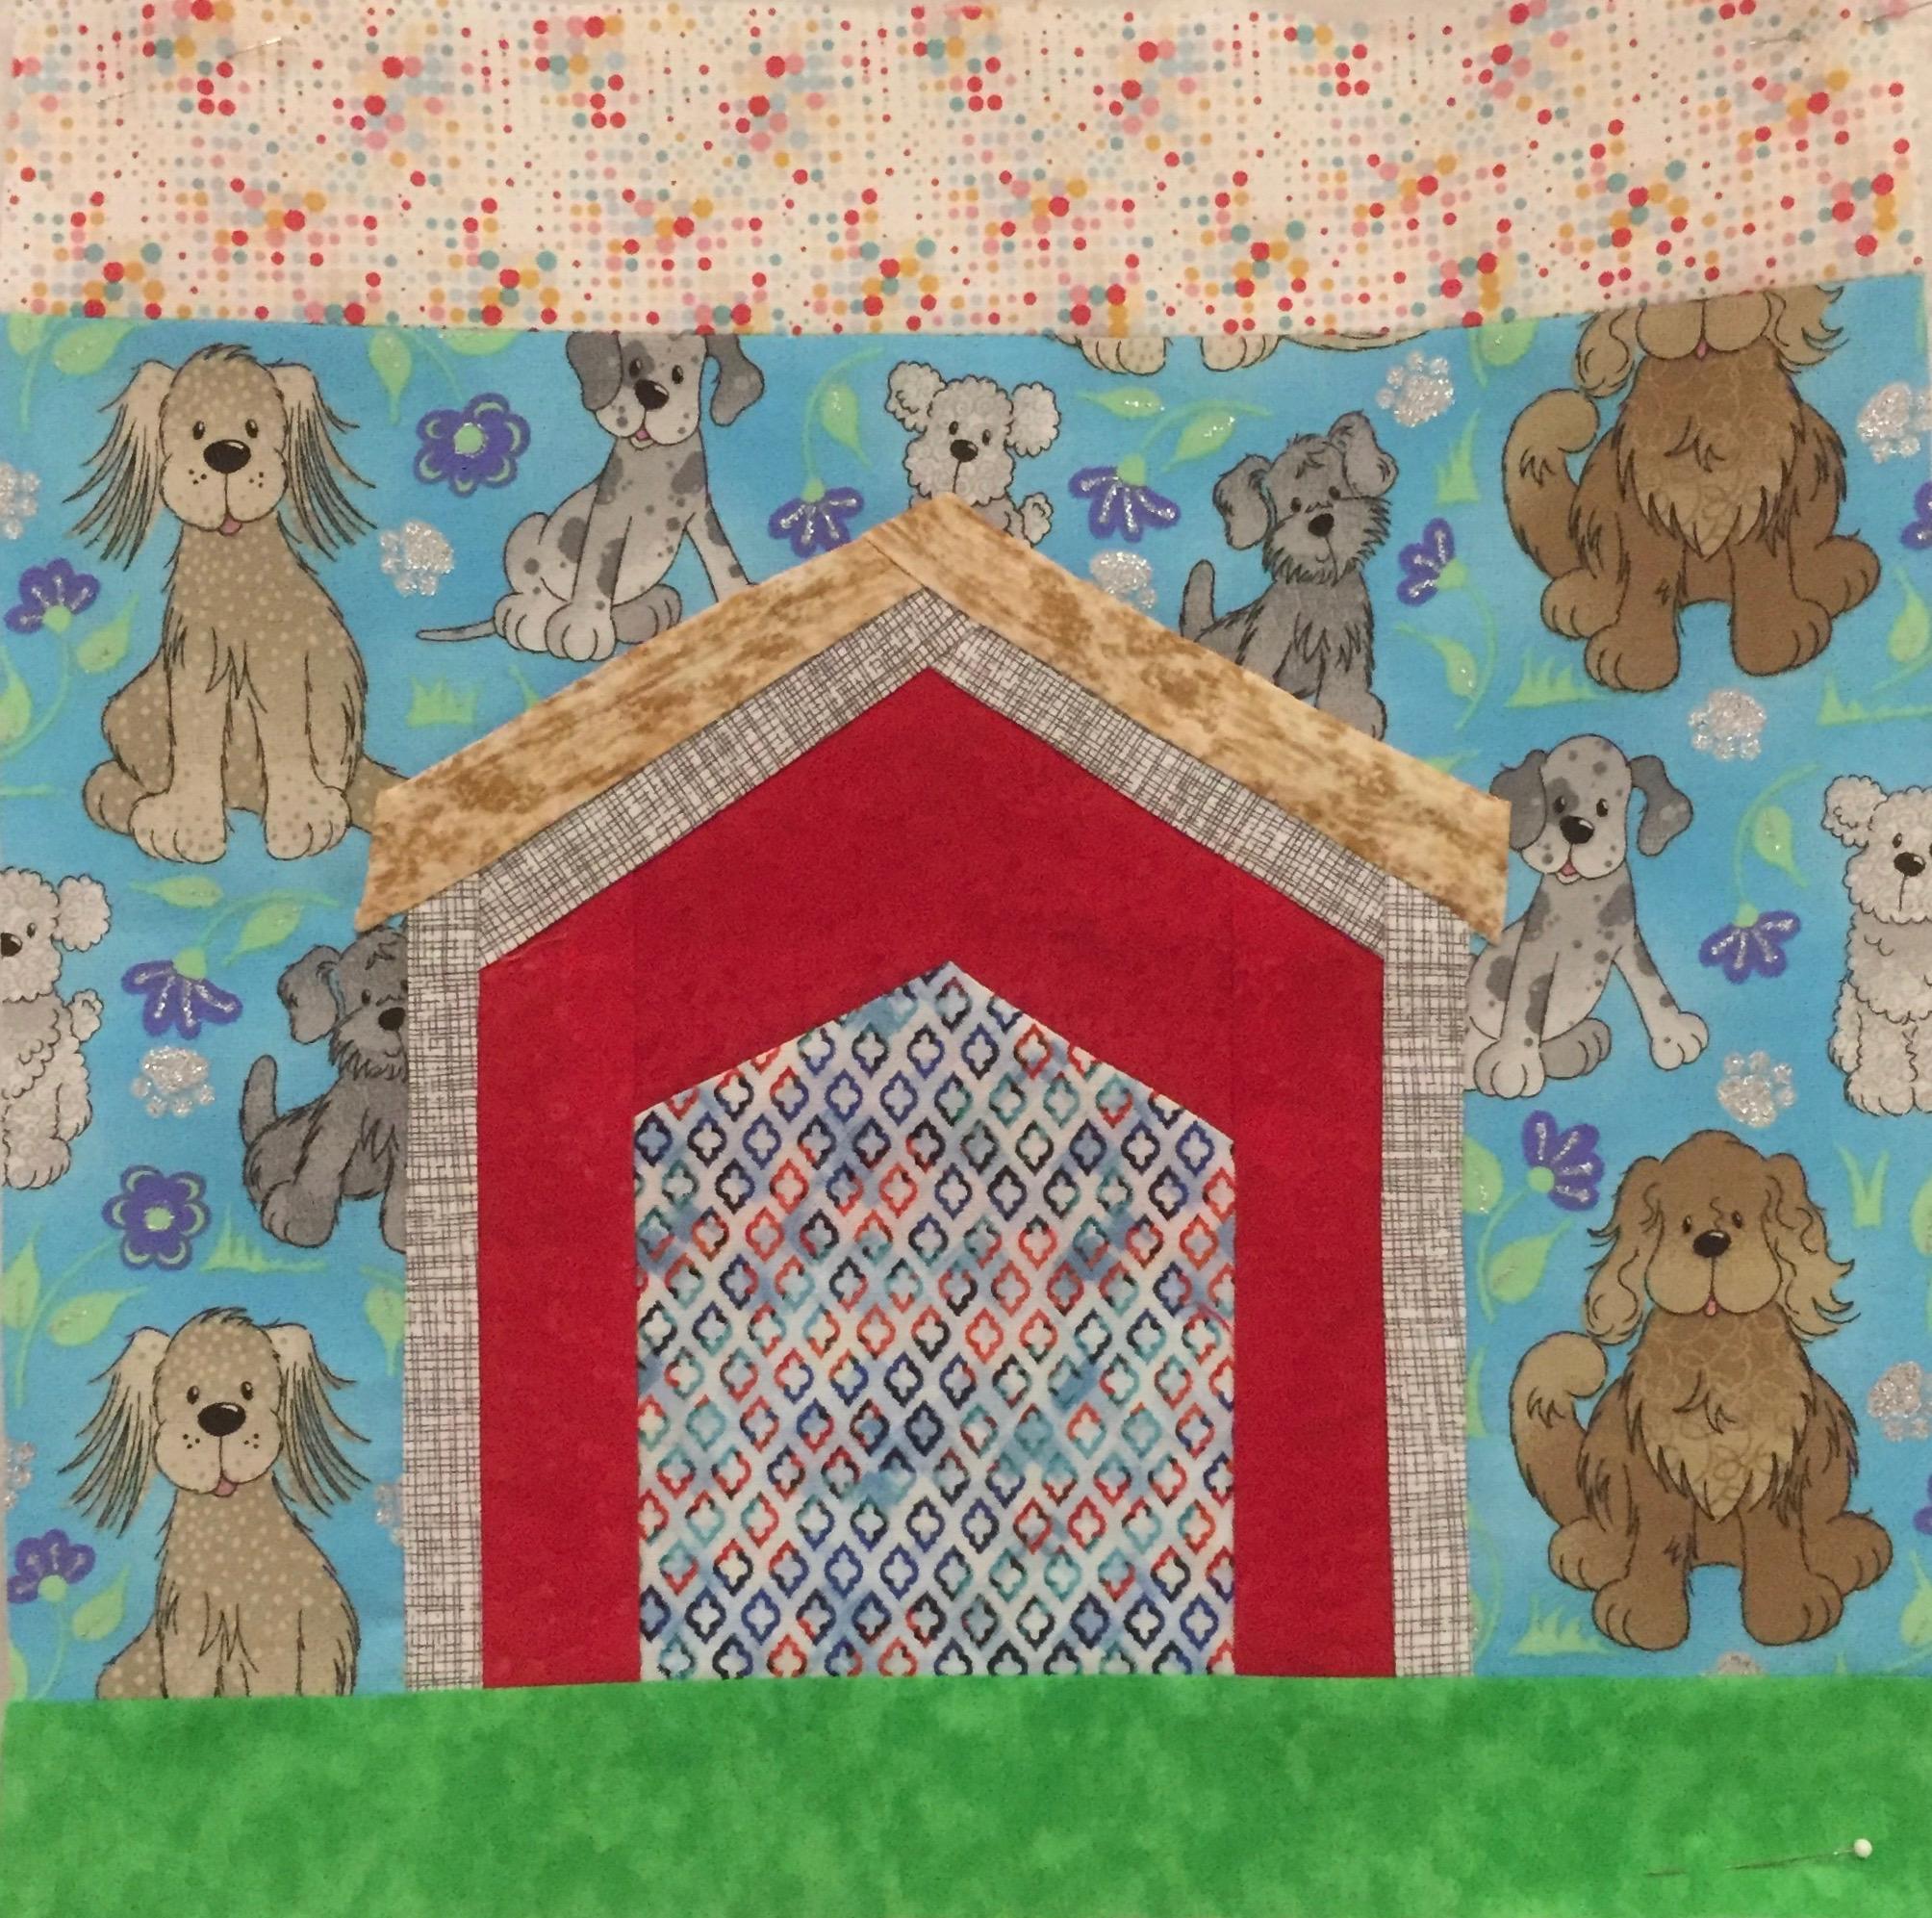 Dog House A Turner.jpg